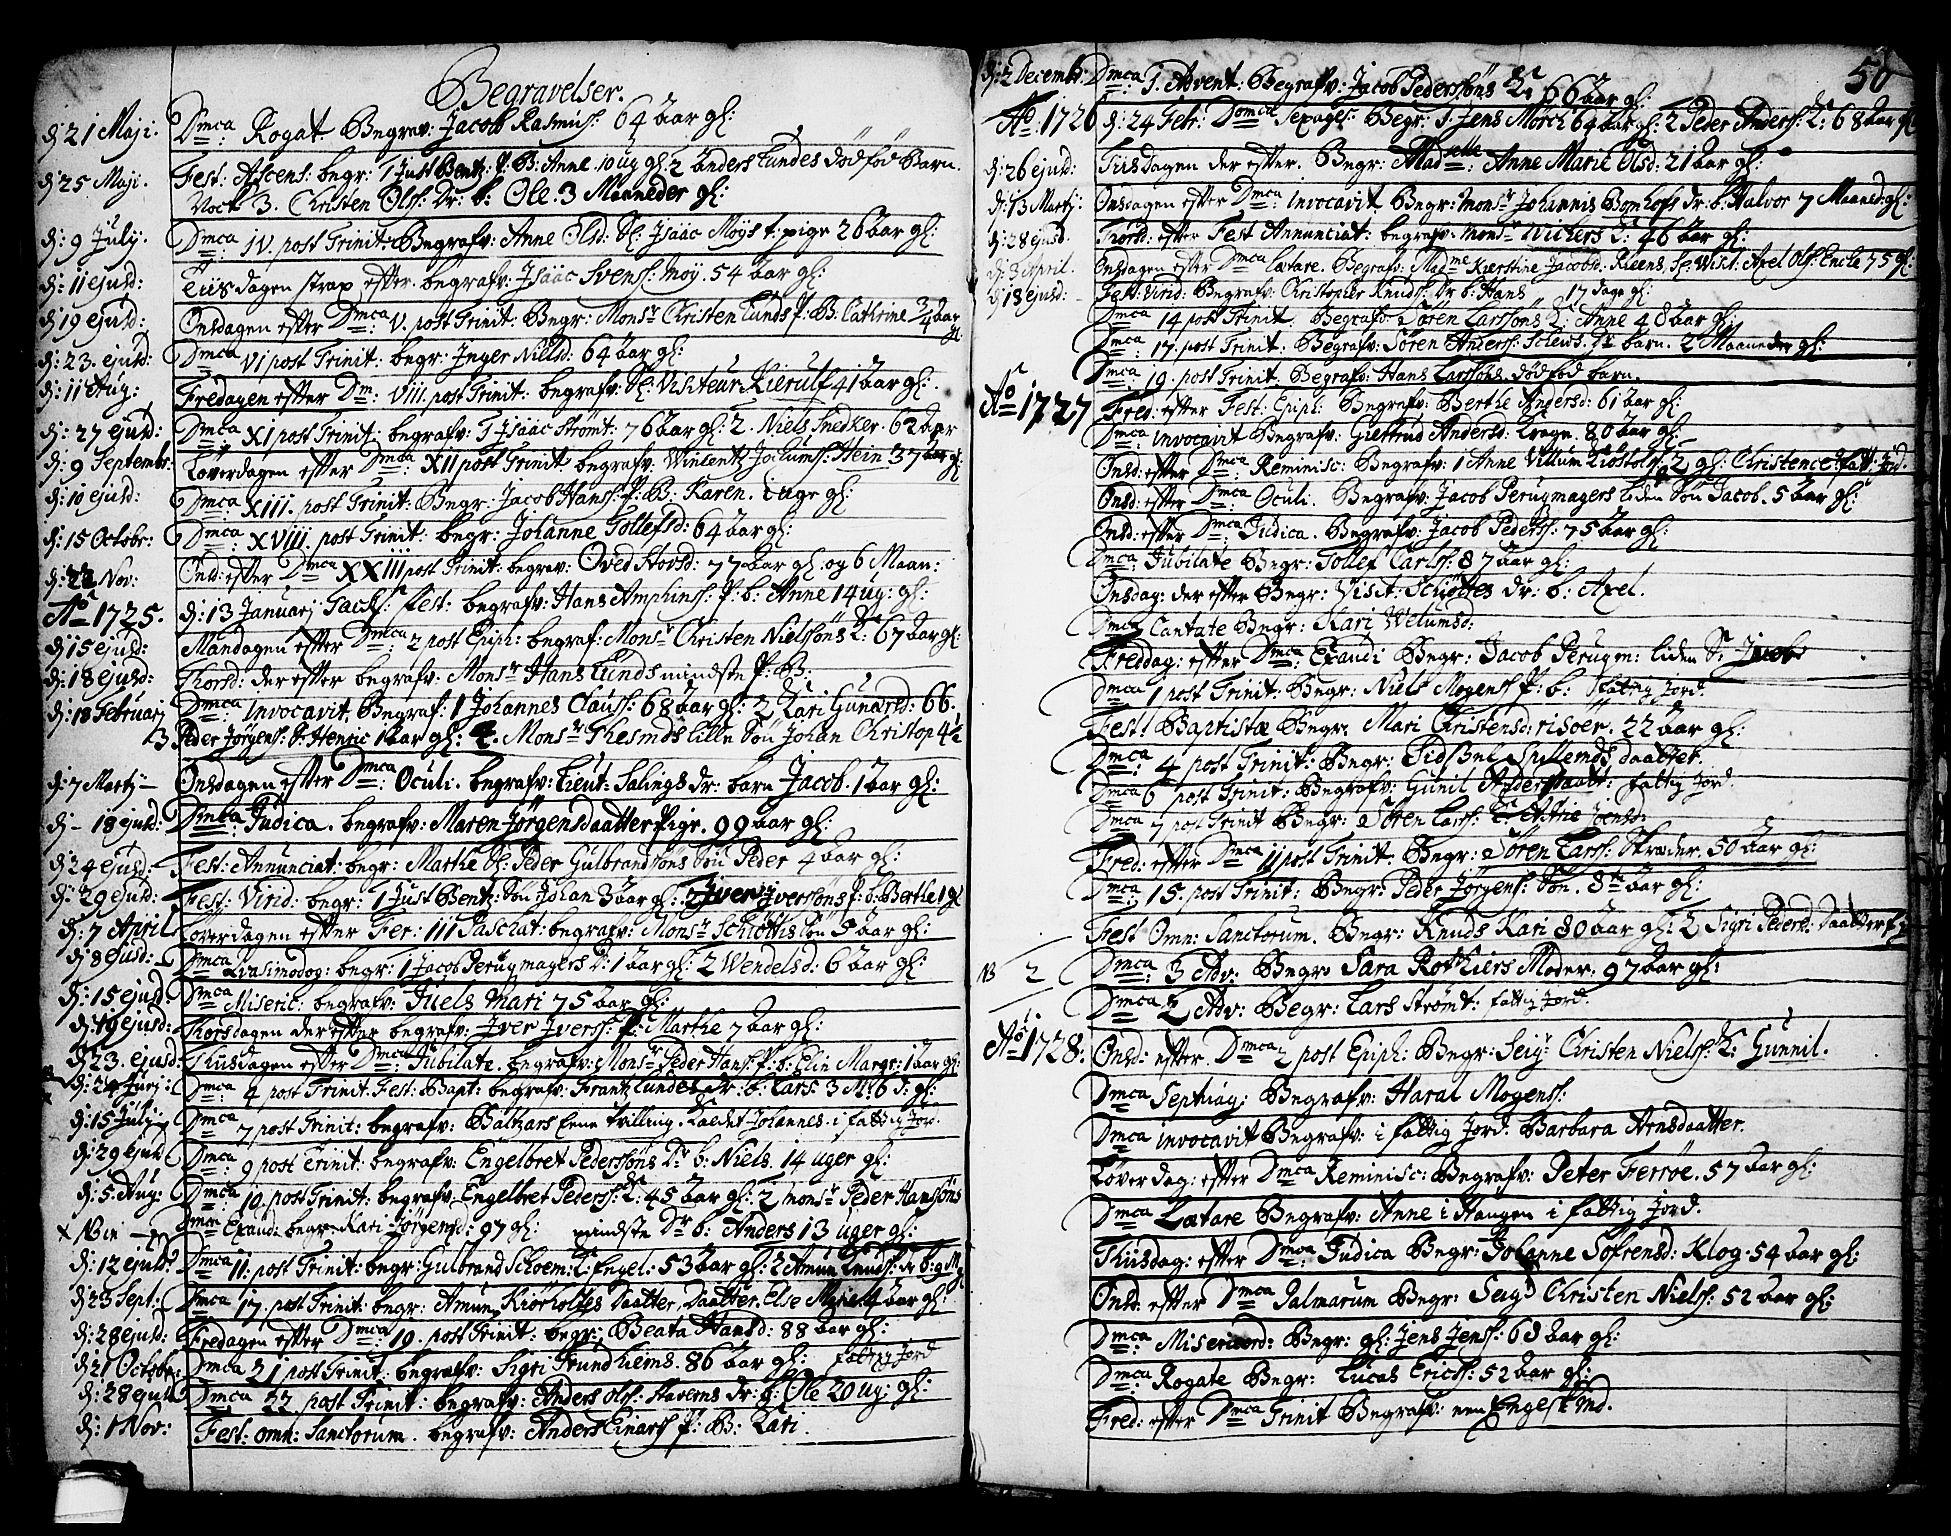 SAKO, Brevik kirkebøker, F/Fa/L0002: Ministerialbok nr. 2, 1720-1764, s. 50